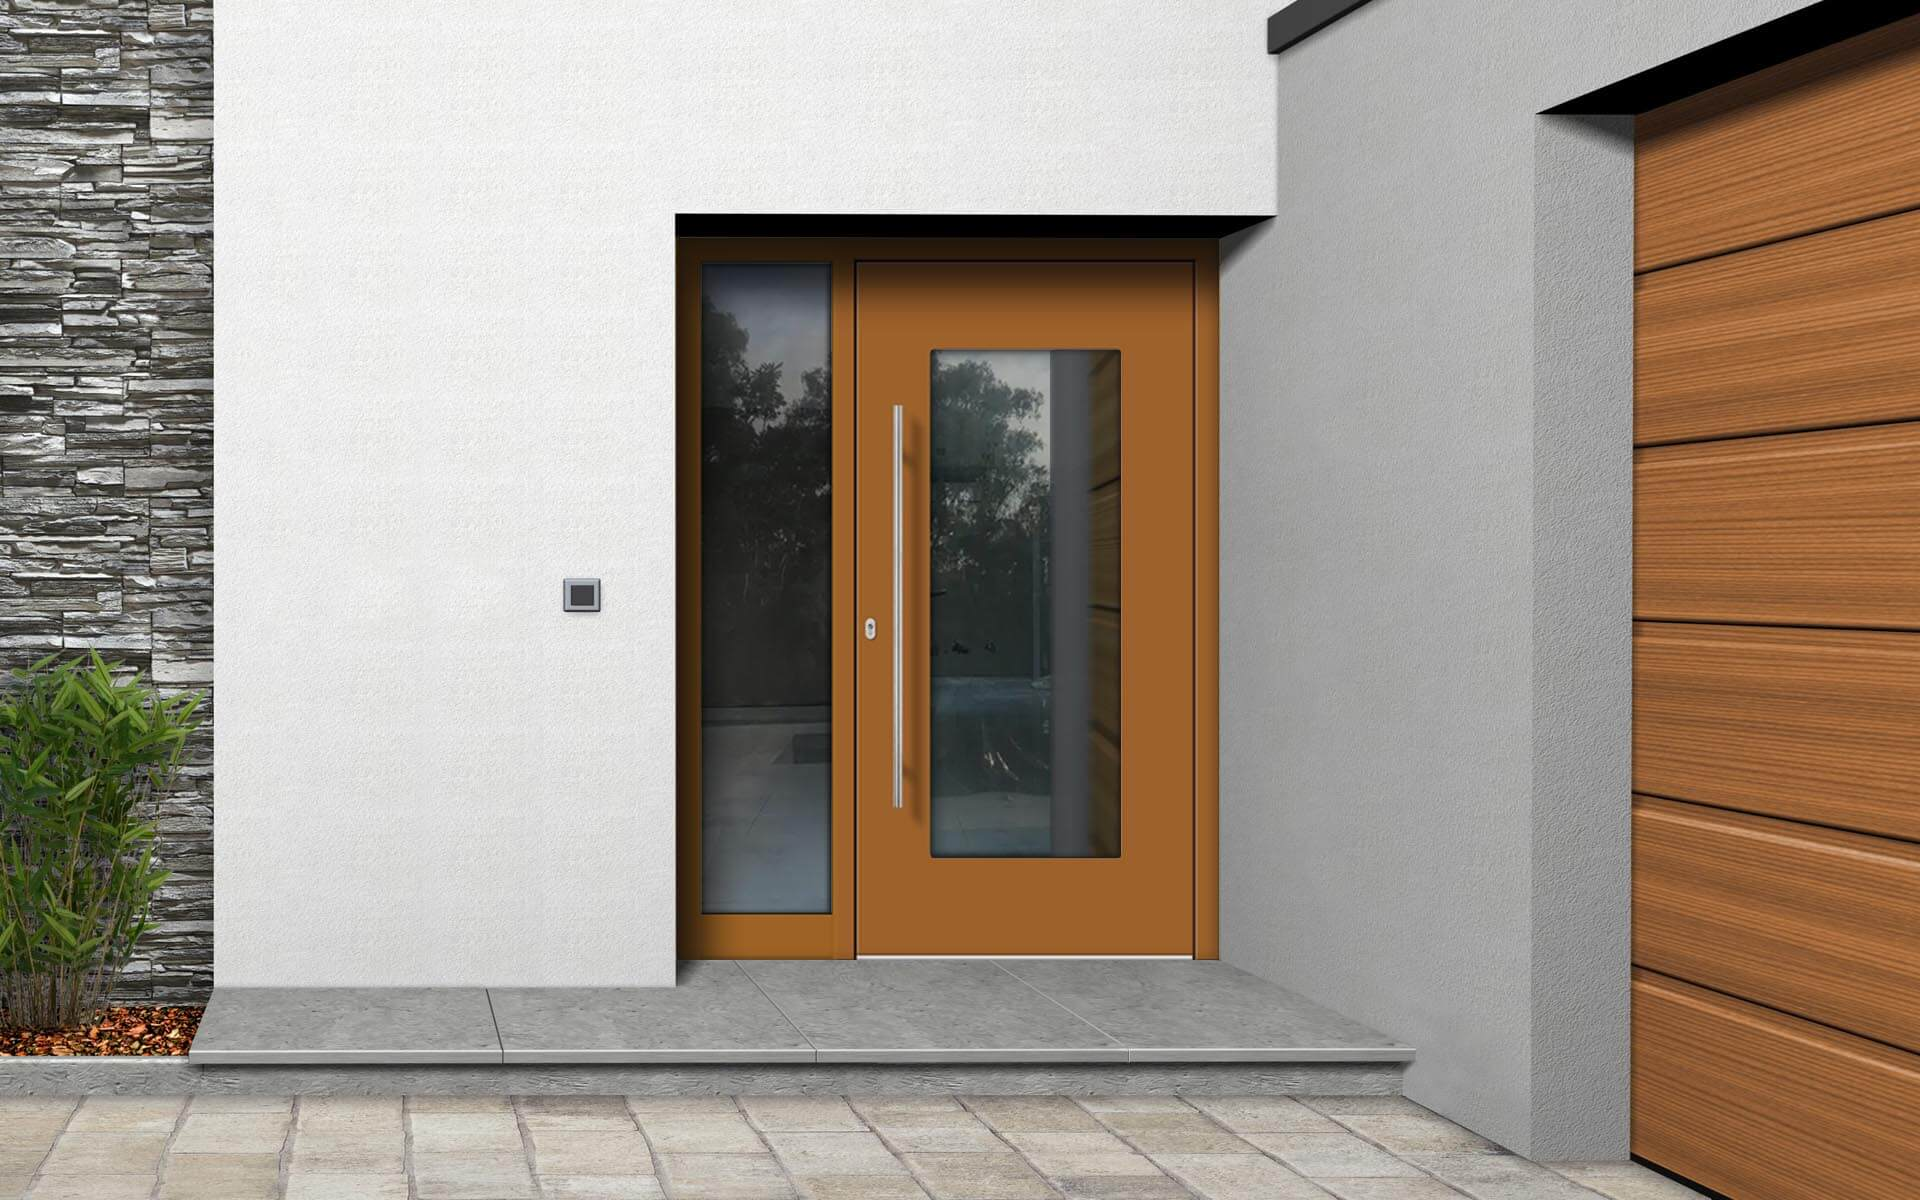 Hliníkové vchodové dvere do domu so svetlíkom vo farbe okrová hnedá RAL 8001